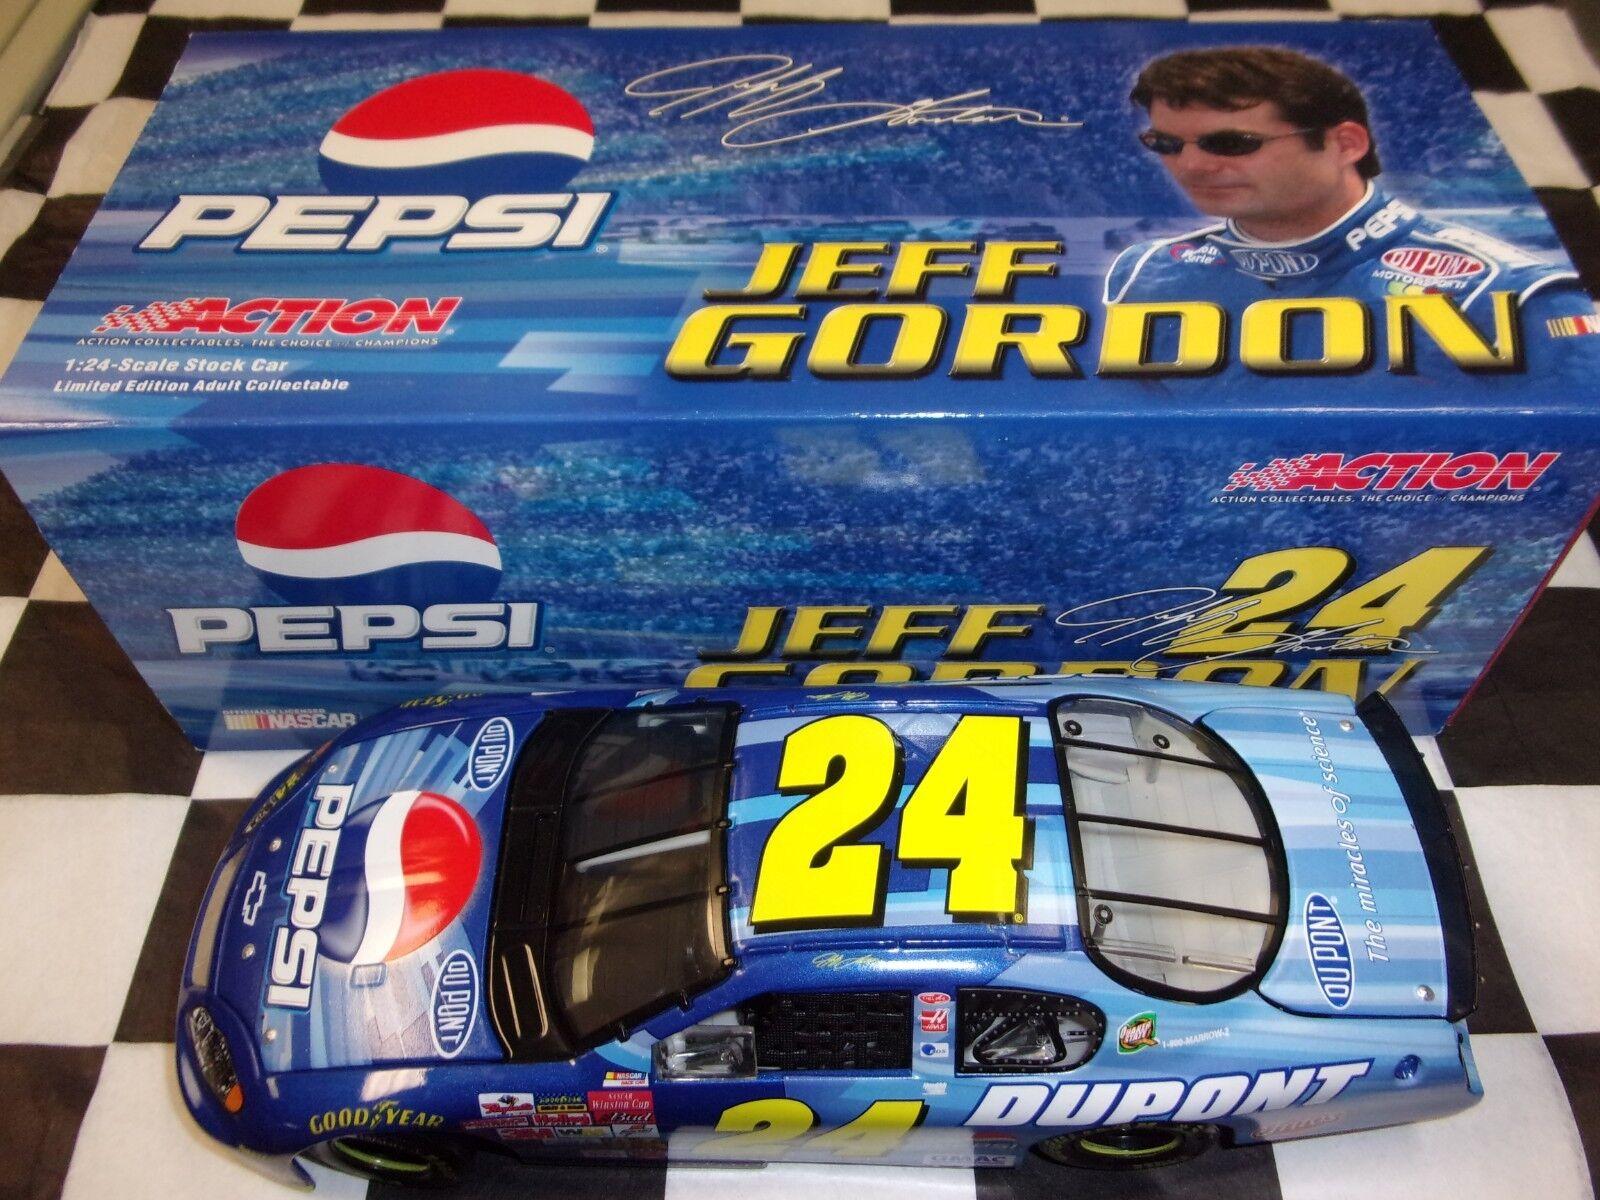 Jeff Gordon  24 Pepsi Tailledega 2003 MONTE CARLO Action échelle 1 24 Voiture Nascar